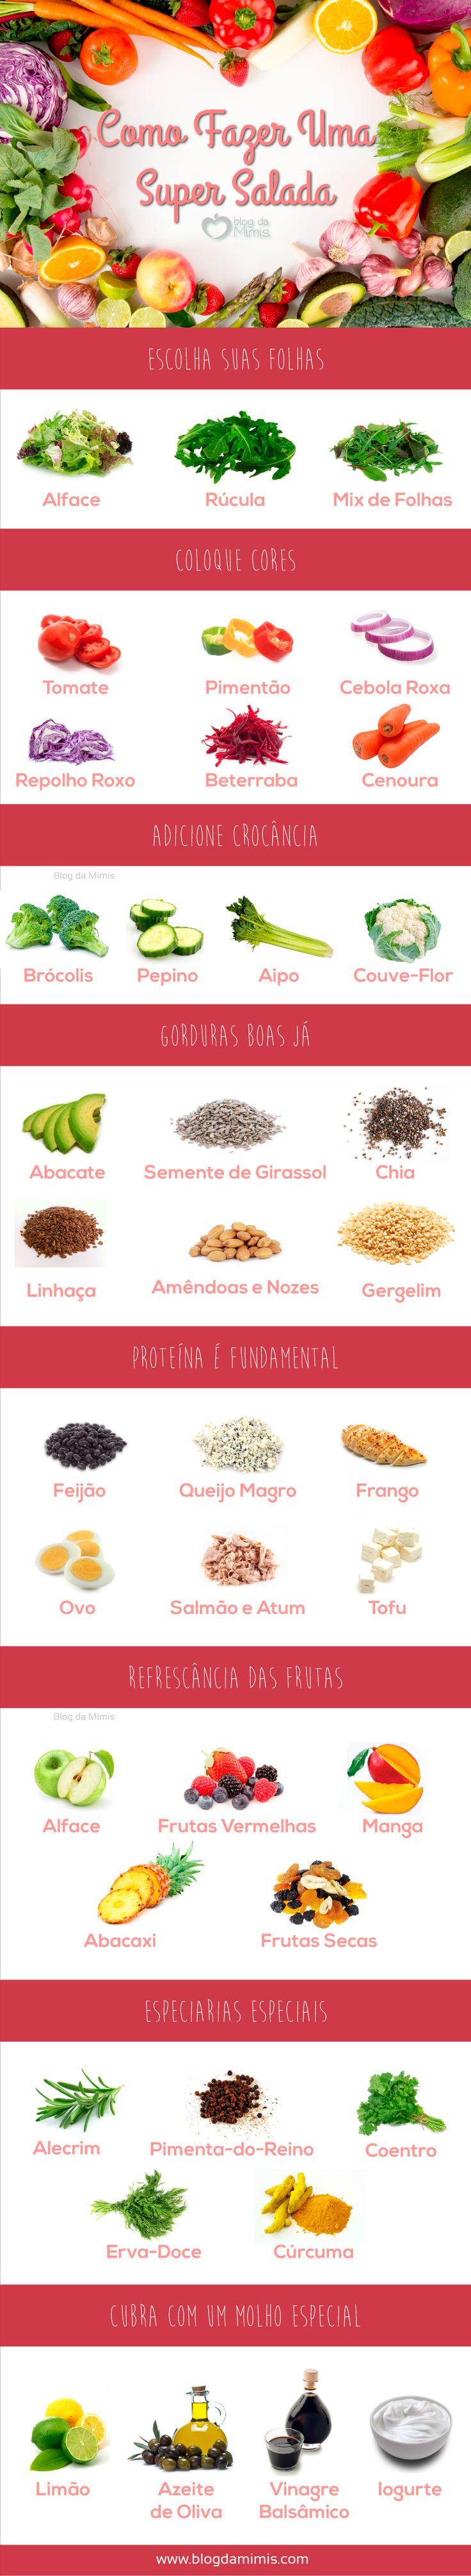 Como fazer uma super salada  Visite www.saudeprospera.com.br e saiba dicas para cuidar da sua alimentação..